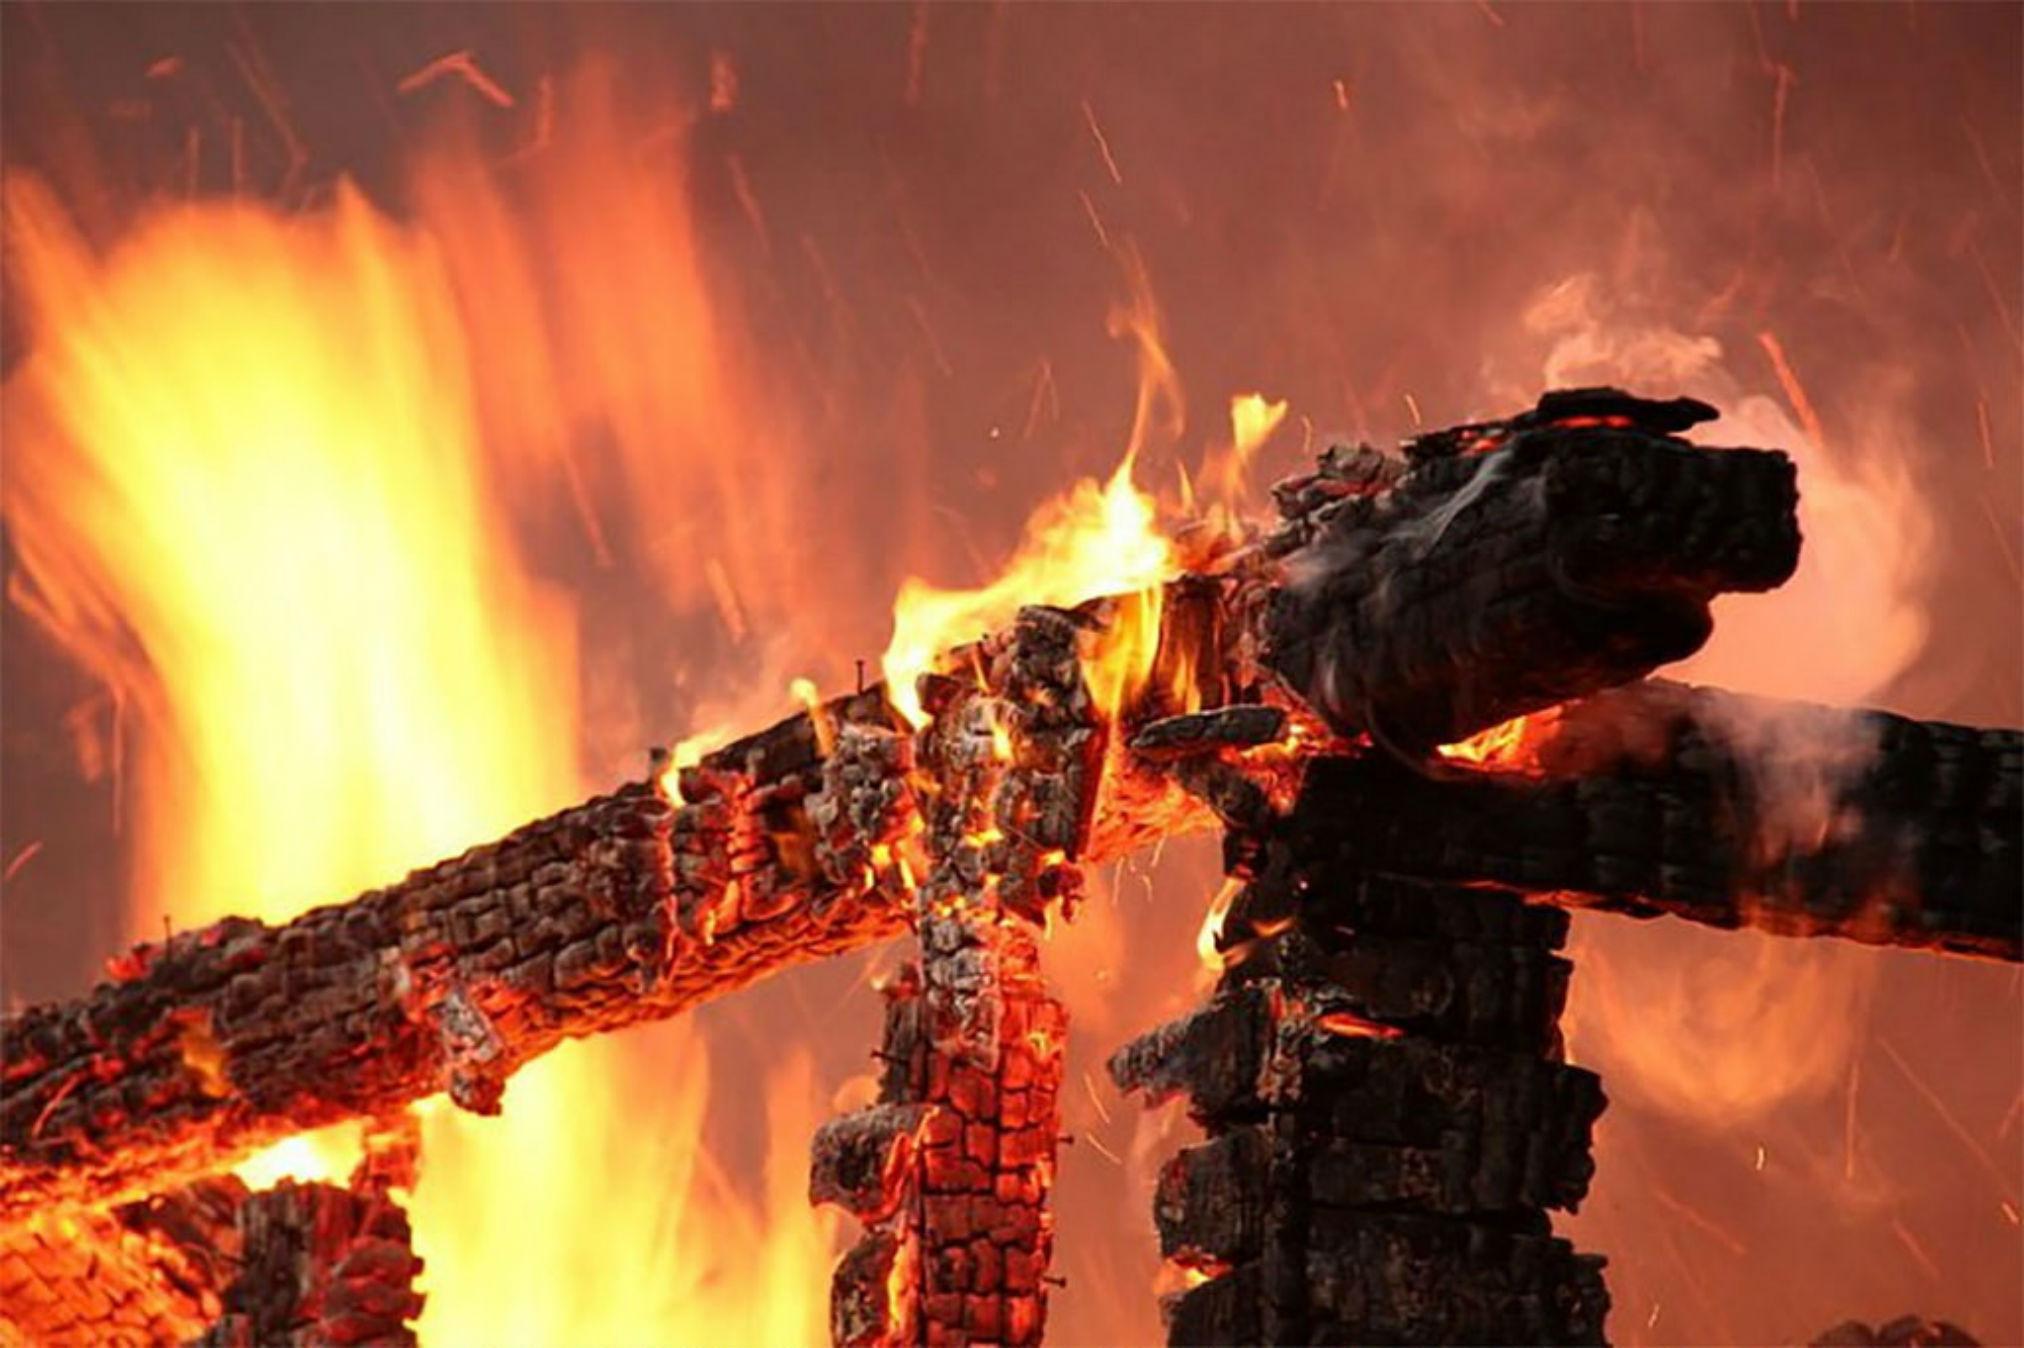 Деревообрабатывающий цех сгорел в КЧР